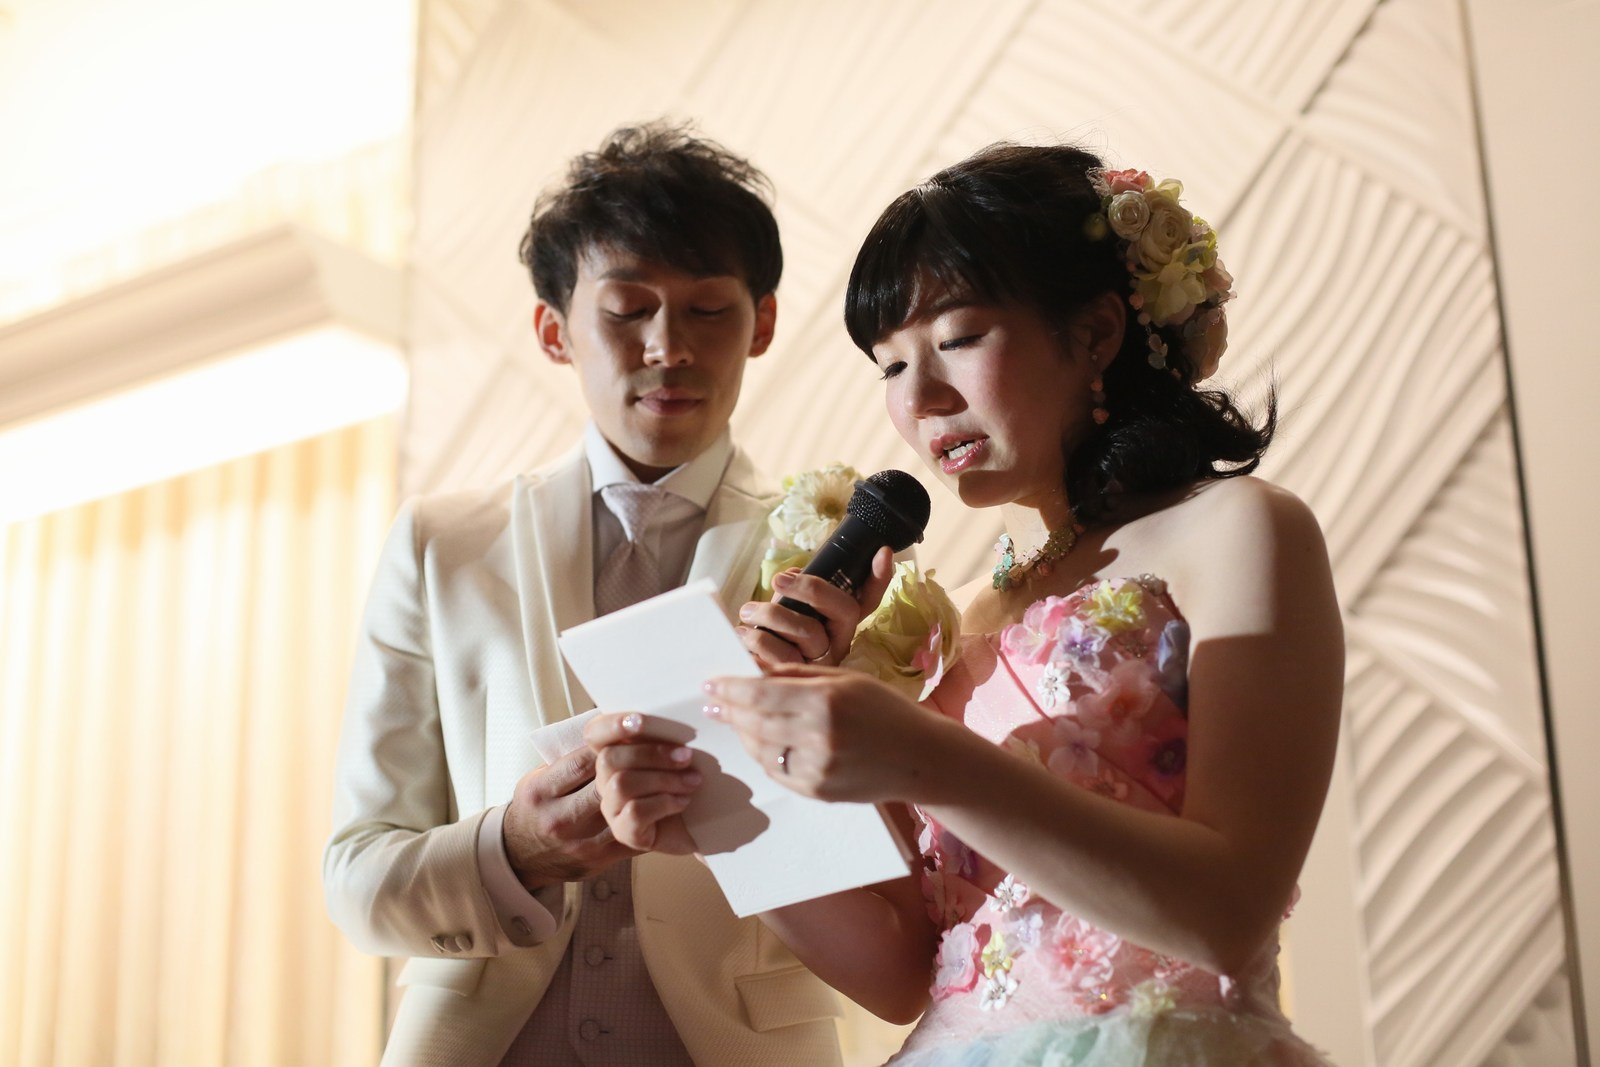 徳島市の結婚式場ブランアンジュで披露宴でのご両親様にむけた新婦様からのお手紙の披露